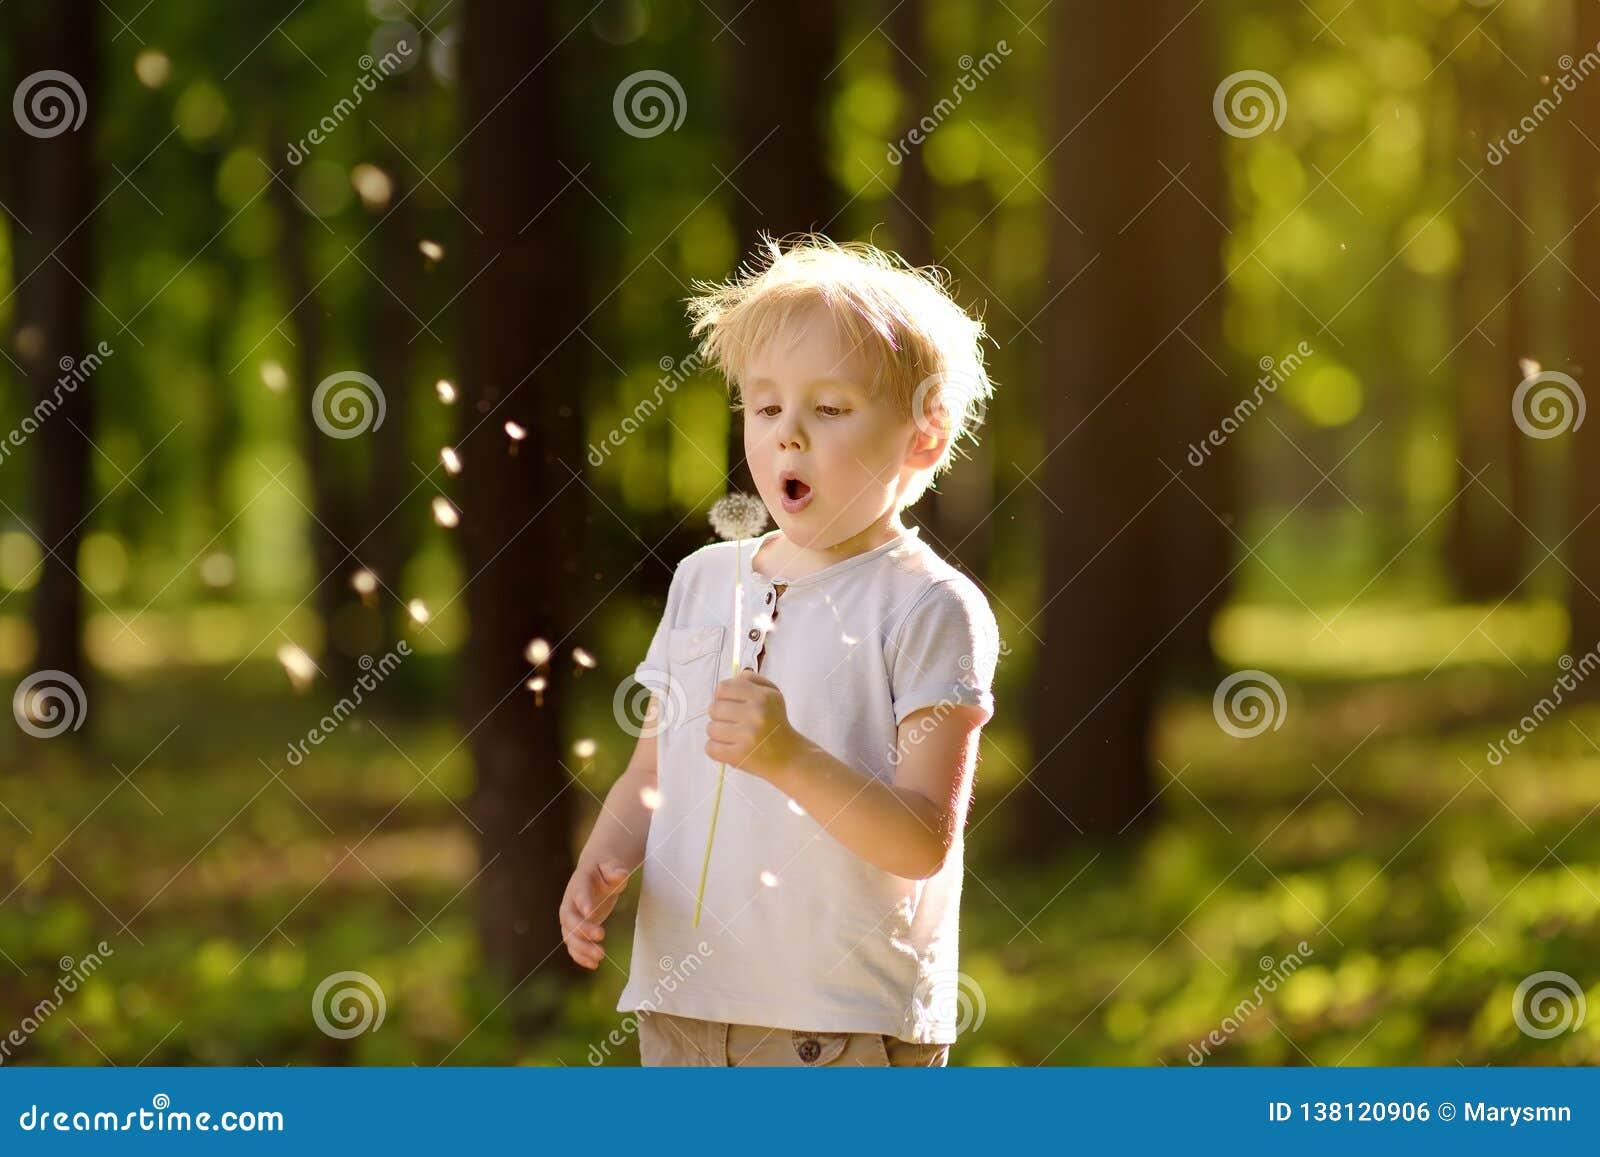 Sopros do rapaz pequeno abaixo do fluff do dente-de-leão Fazendo um desejo